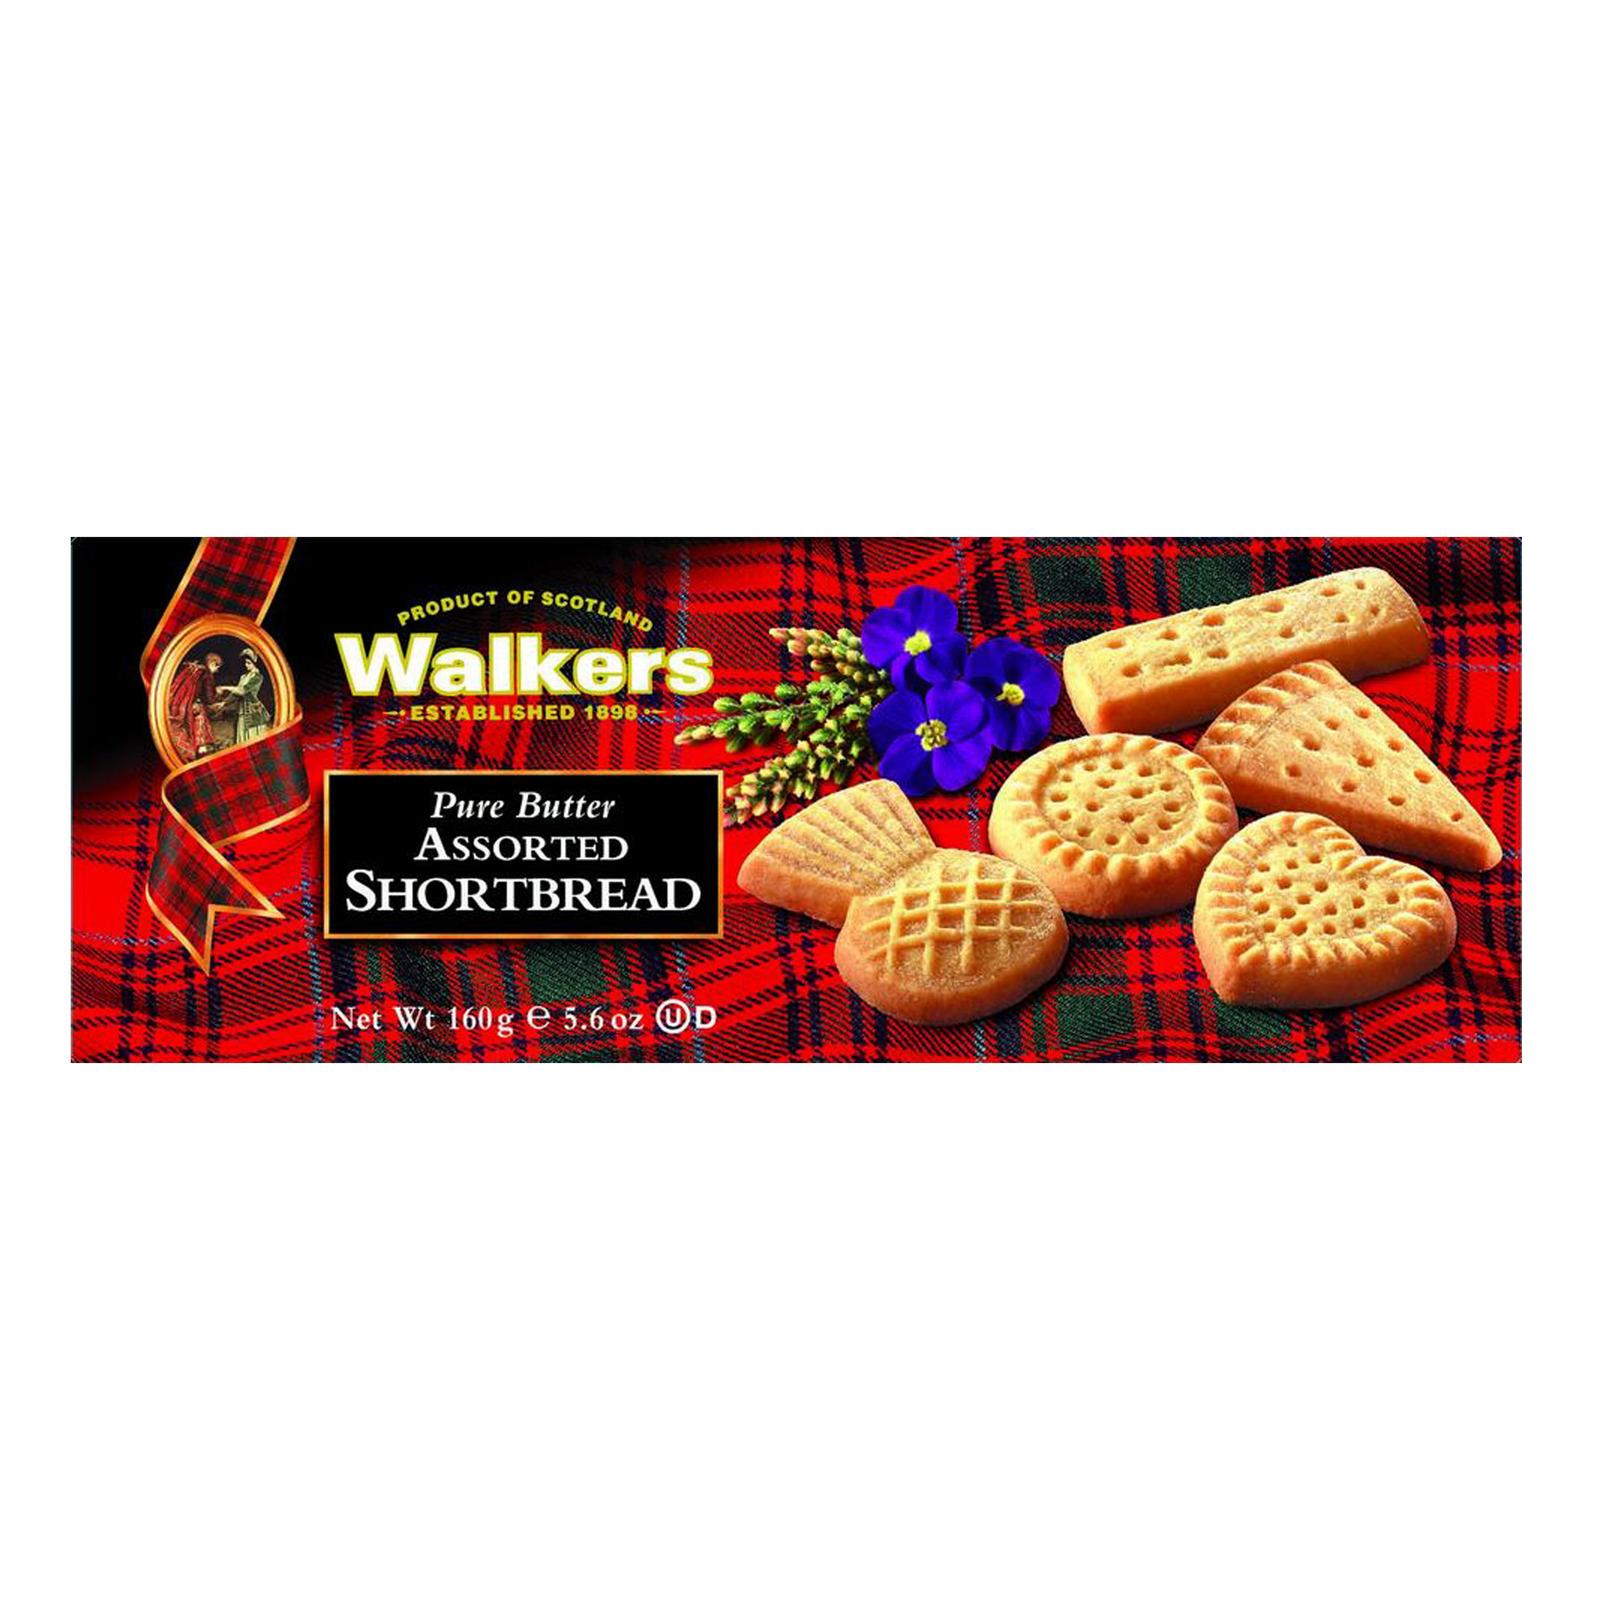 Walkers Shortbread Cookies - Assorted